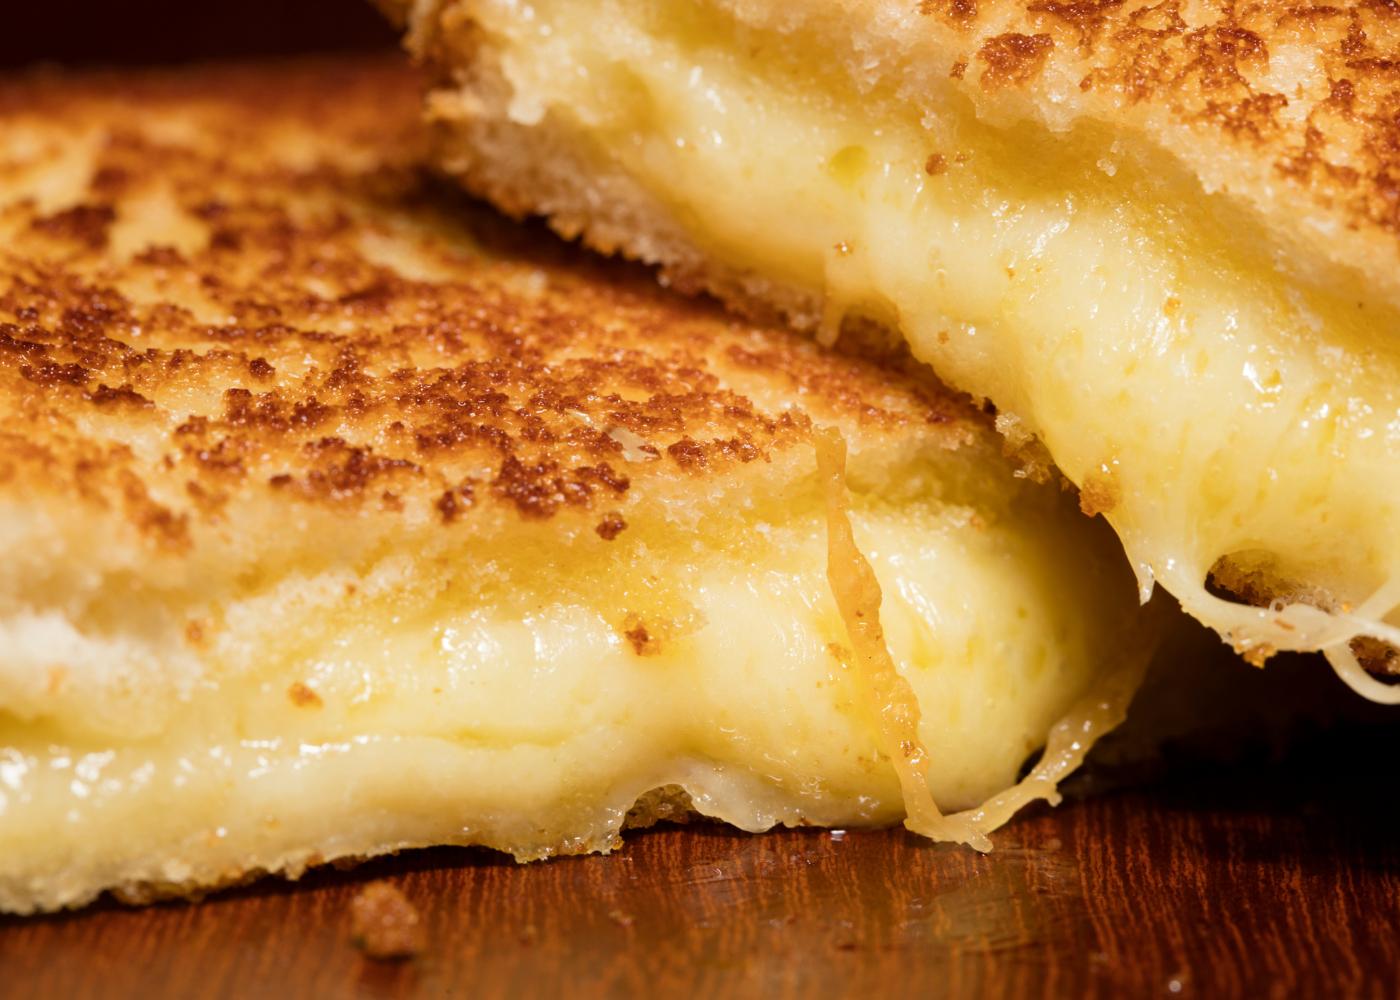 receitas saudaveis e faceis: ideias do pequeno-almoco ao jantar